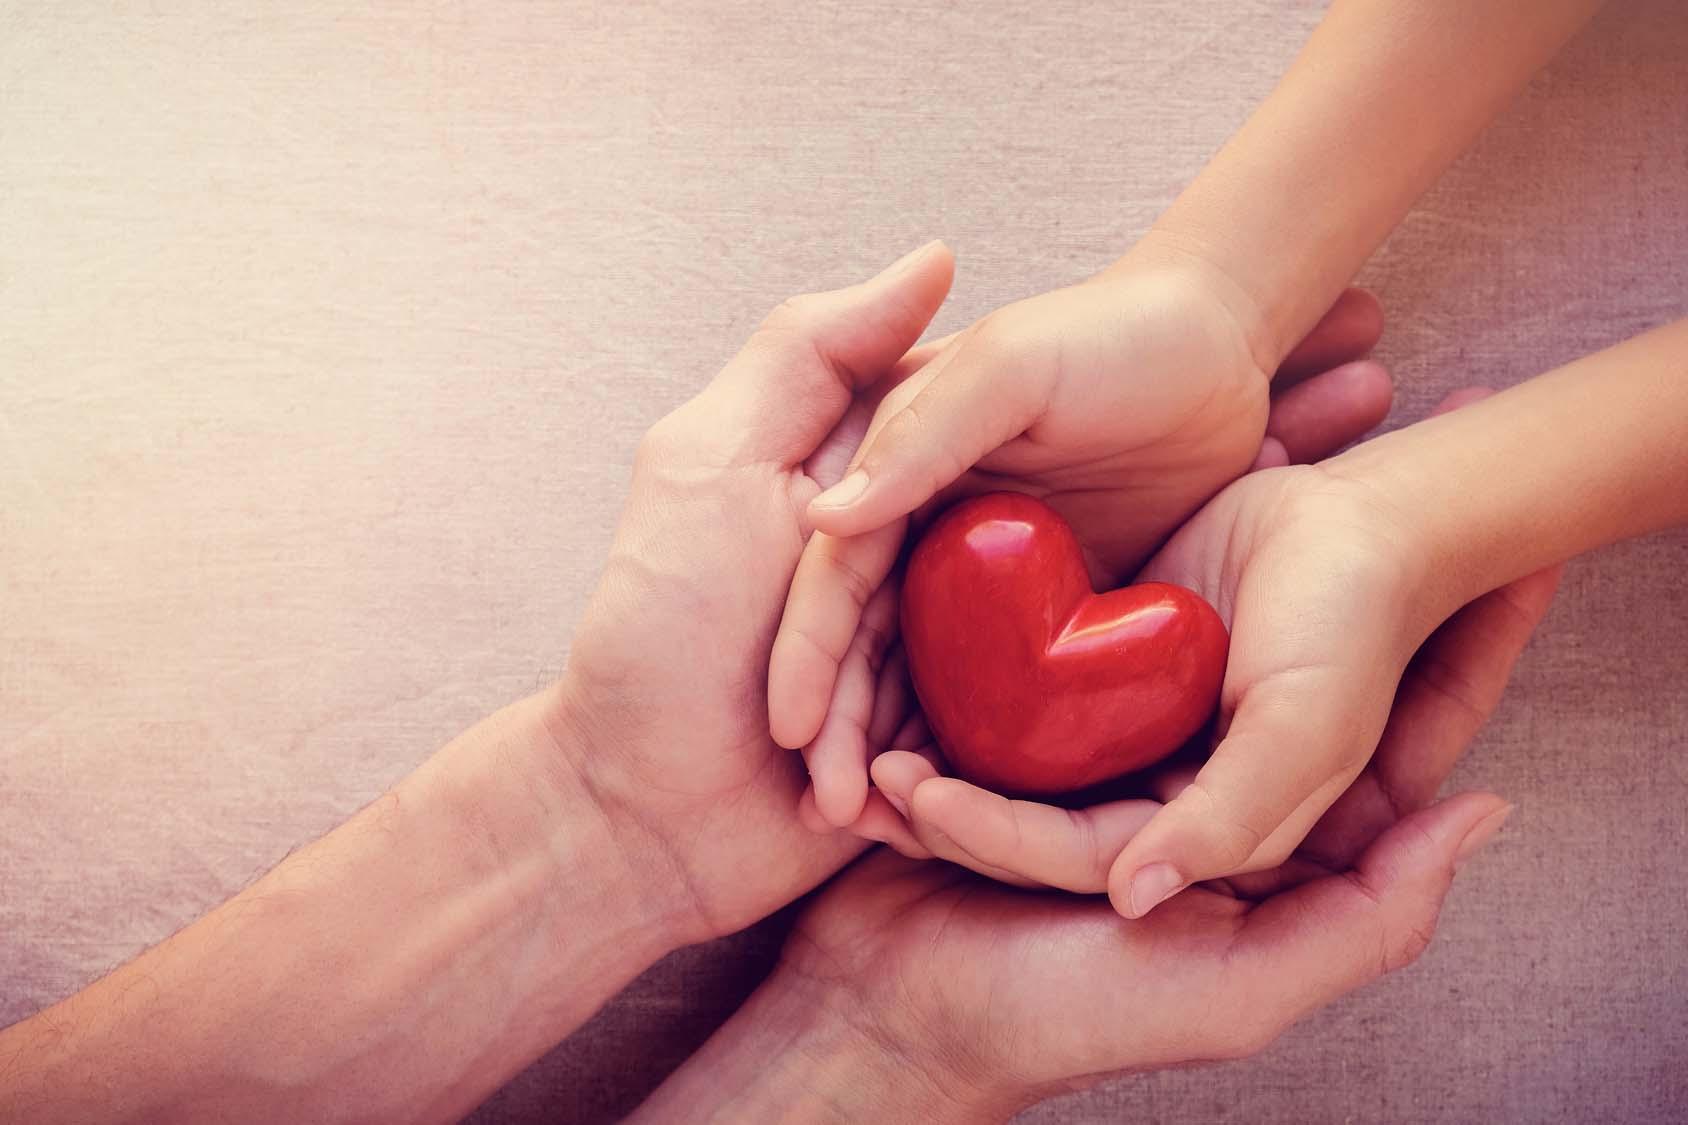 Erhöhen Sie die Spendenbereitschaft – bieten Sie emotionalen Nutzen